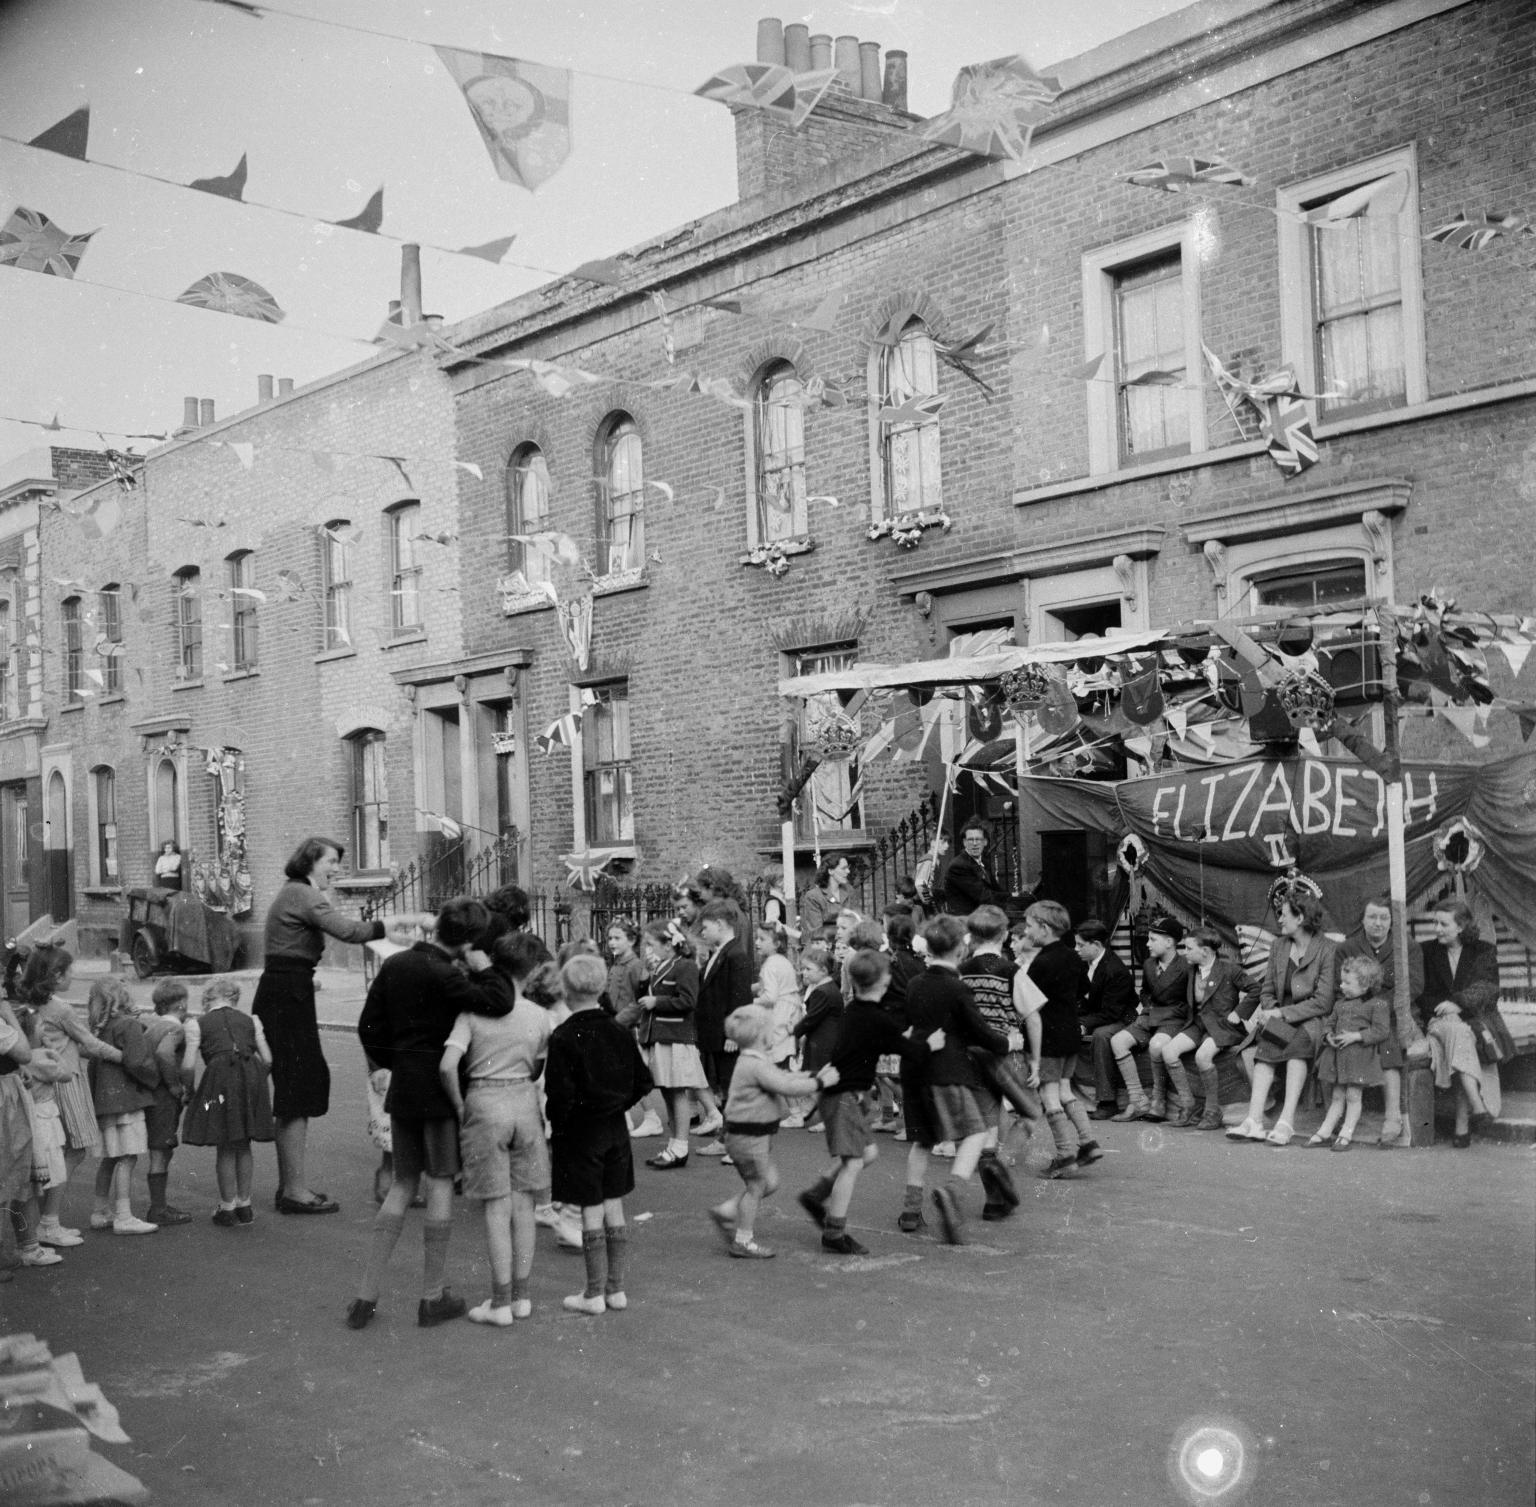 Уличное празднование в честь коронации Елизаветы Второй. 1953